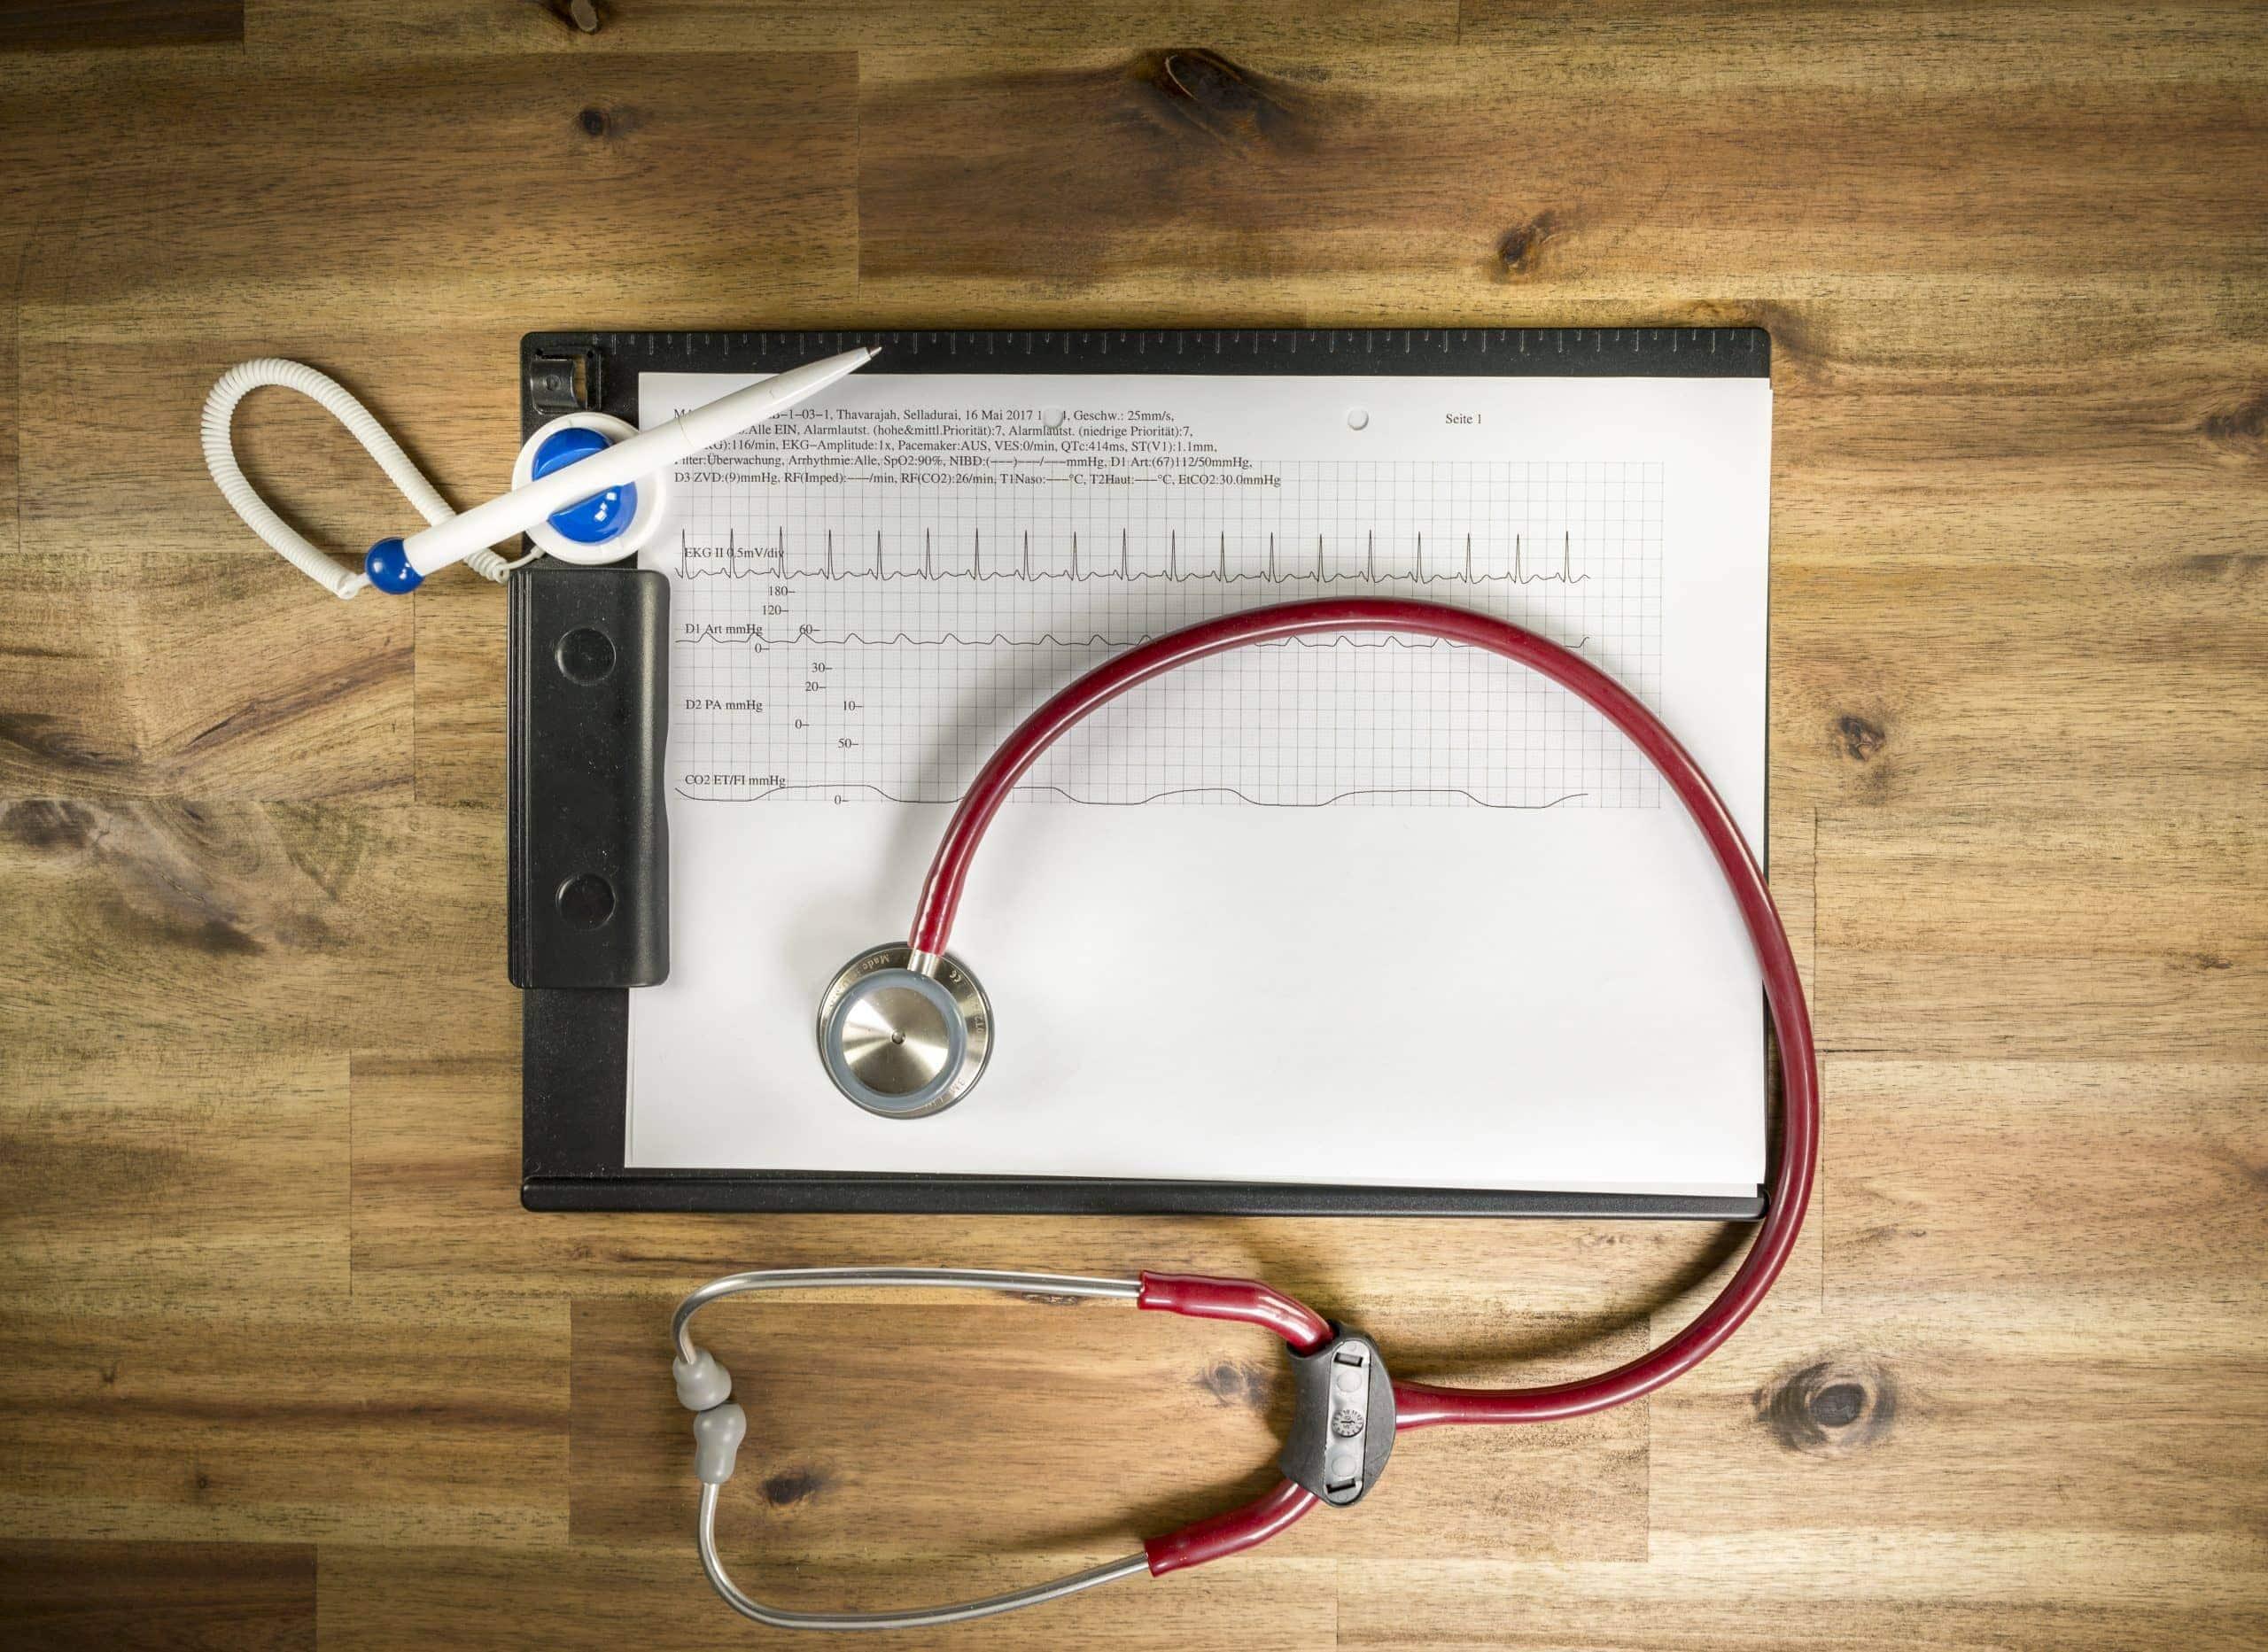 Kugelschreiber, Patientenakte und Stethoskop